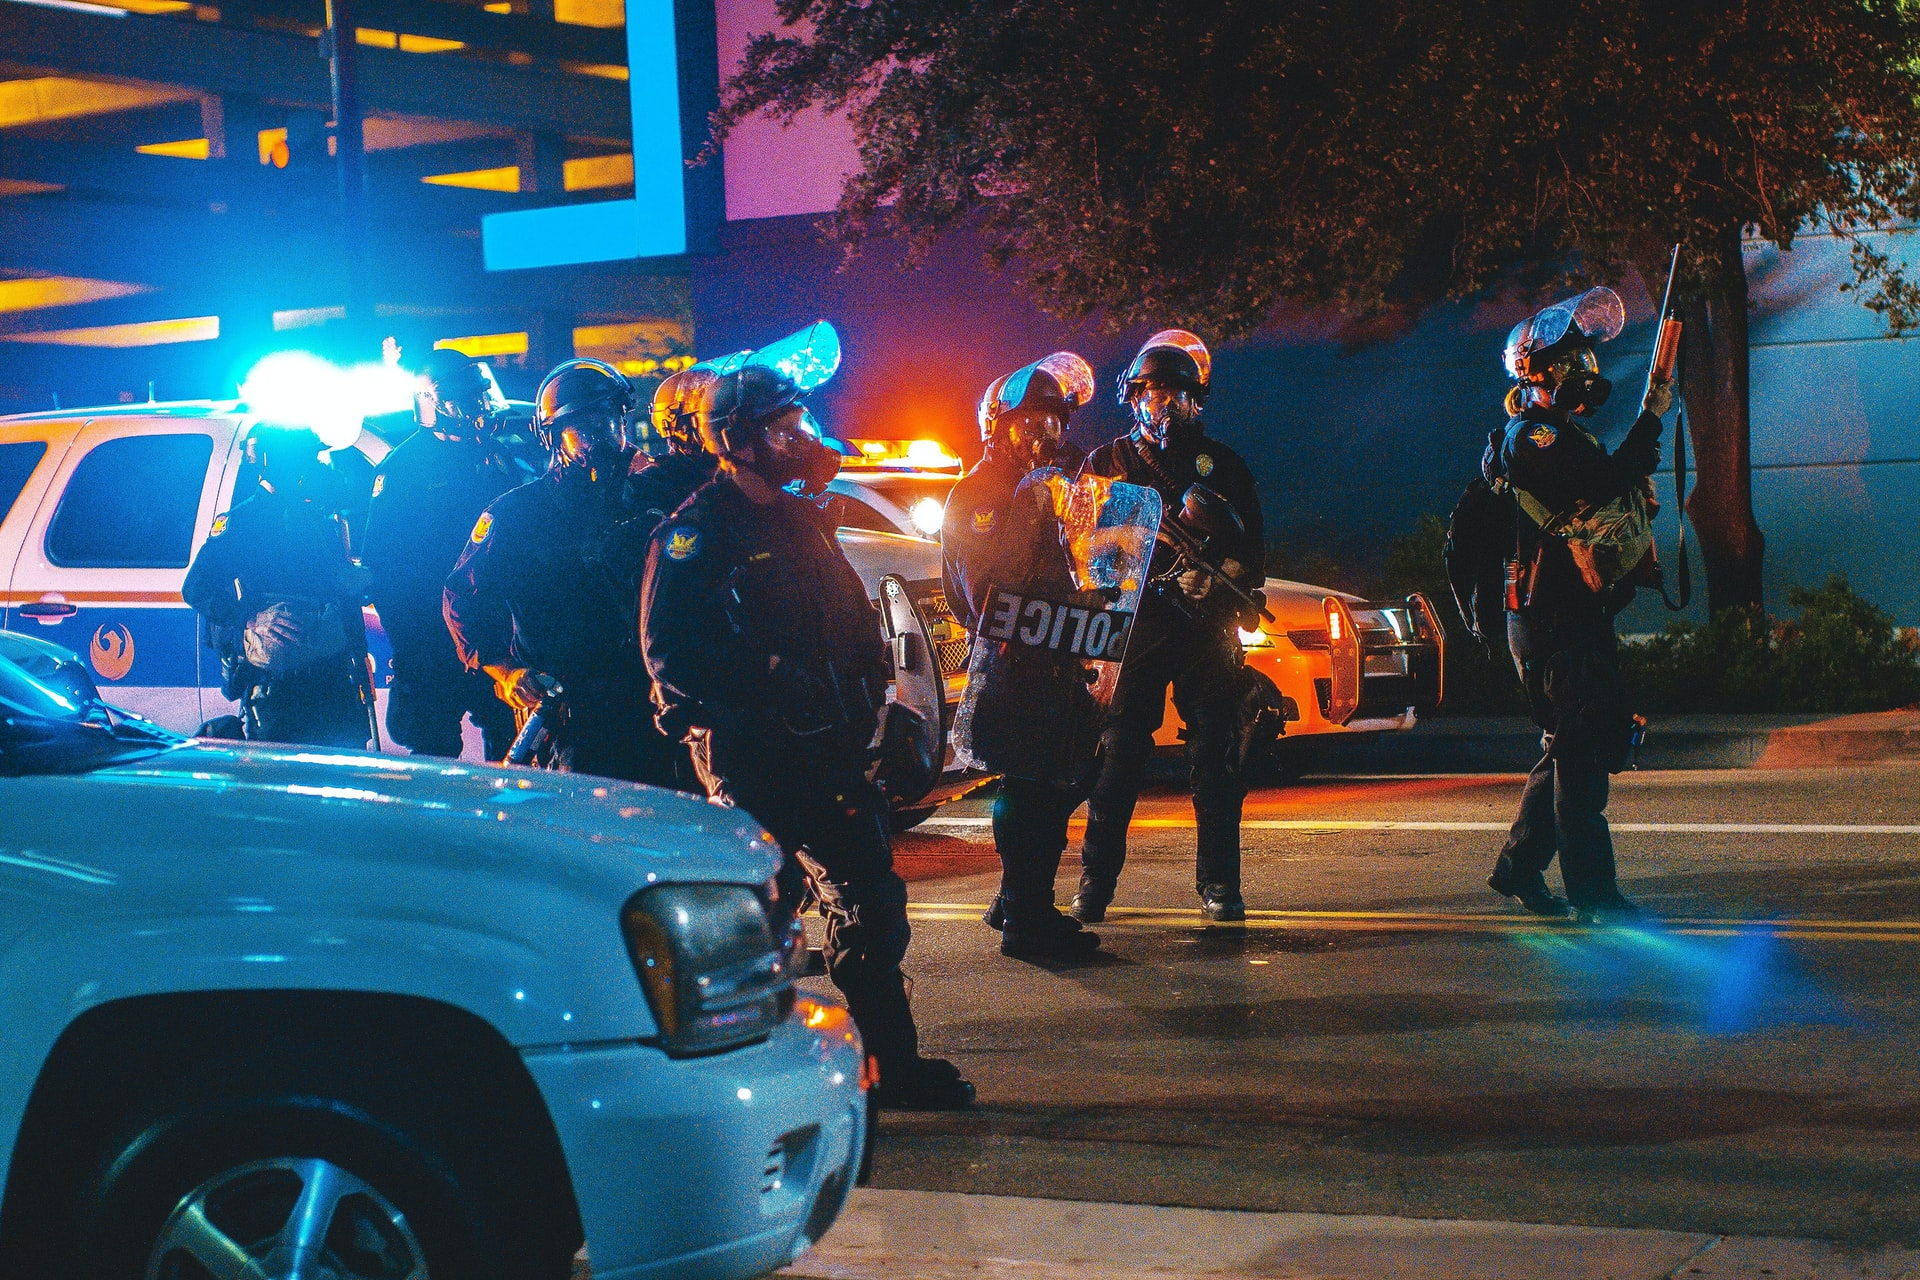 Blog Post ProtectMii vs Police